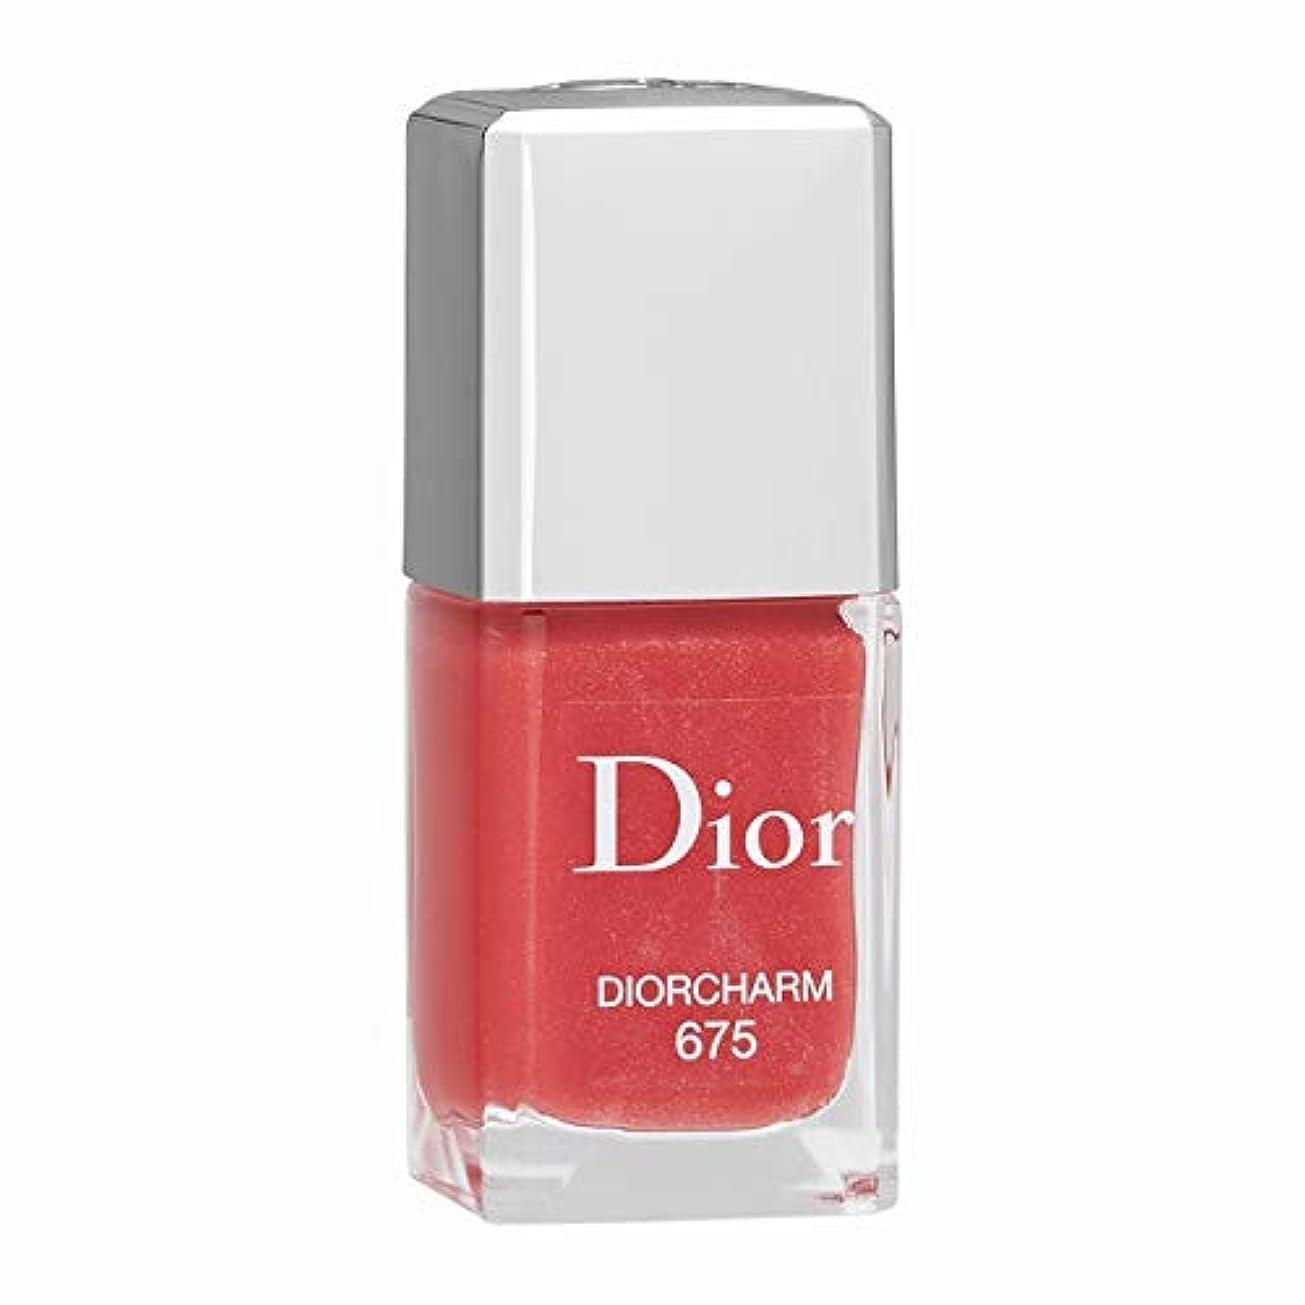 群集皮肉堀ディオール(Dior) ディオール ヴェルニ #675(ディオールチャーム) [並行輸入品]